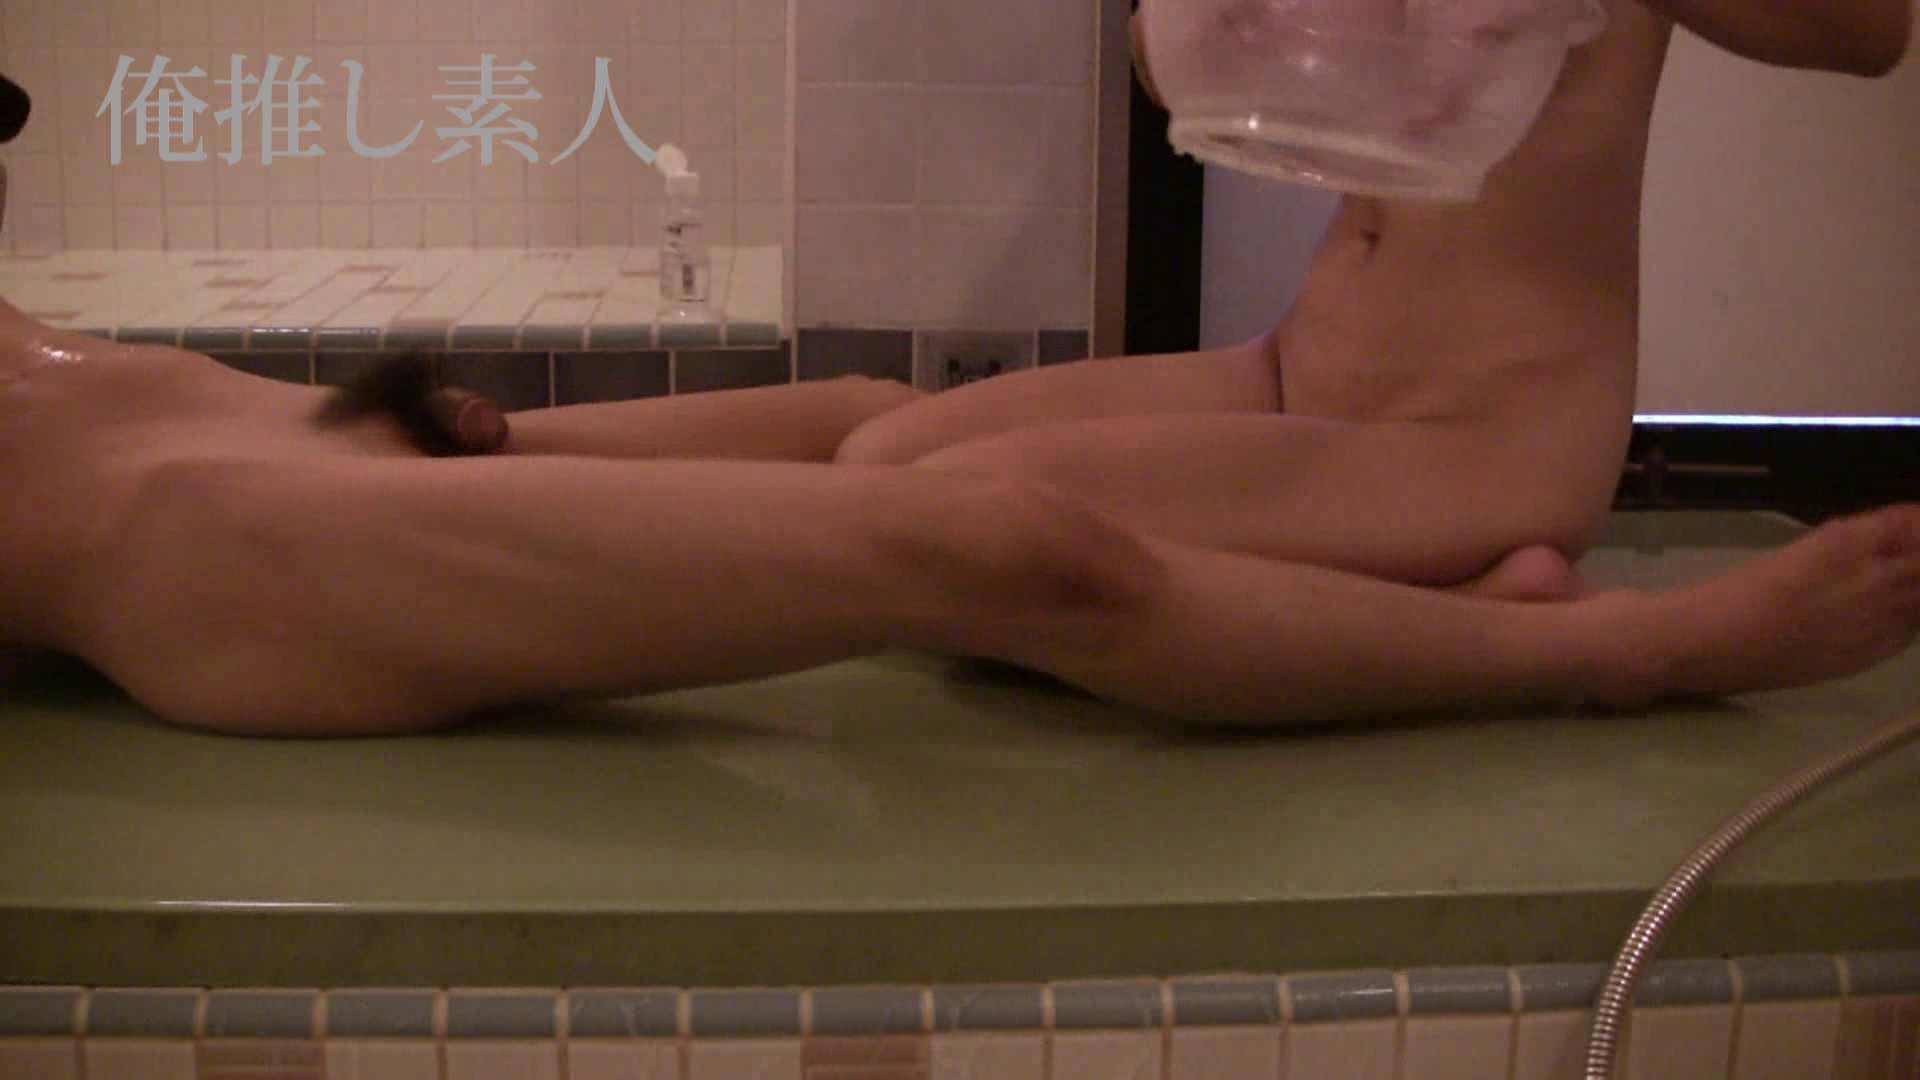 俺推し素人 30代人妻熟女キャバ嬢雫Vol.02 おっぱい   熟女丸裸  69pic 25